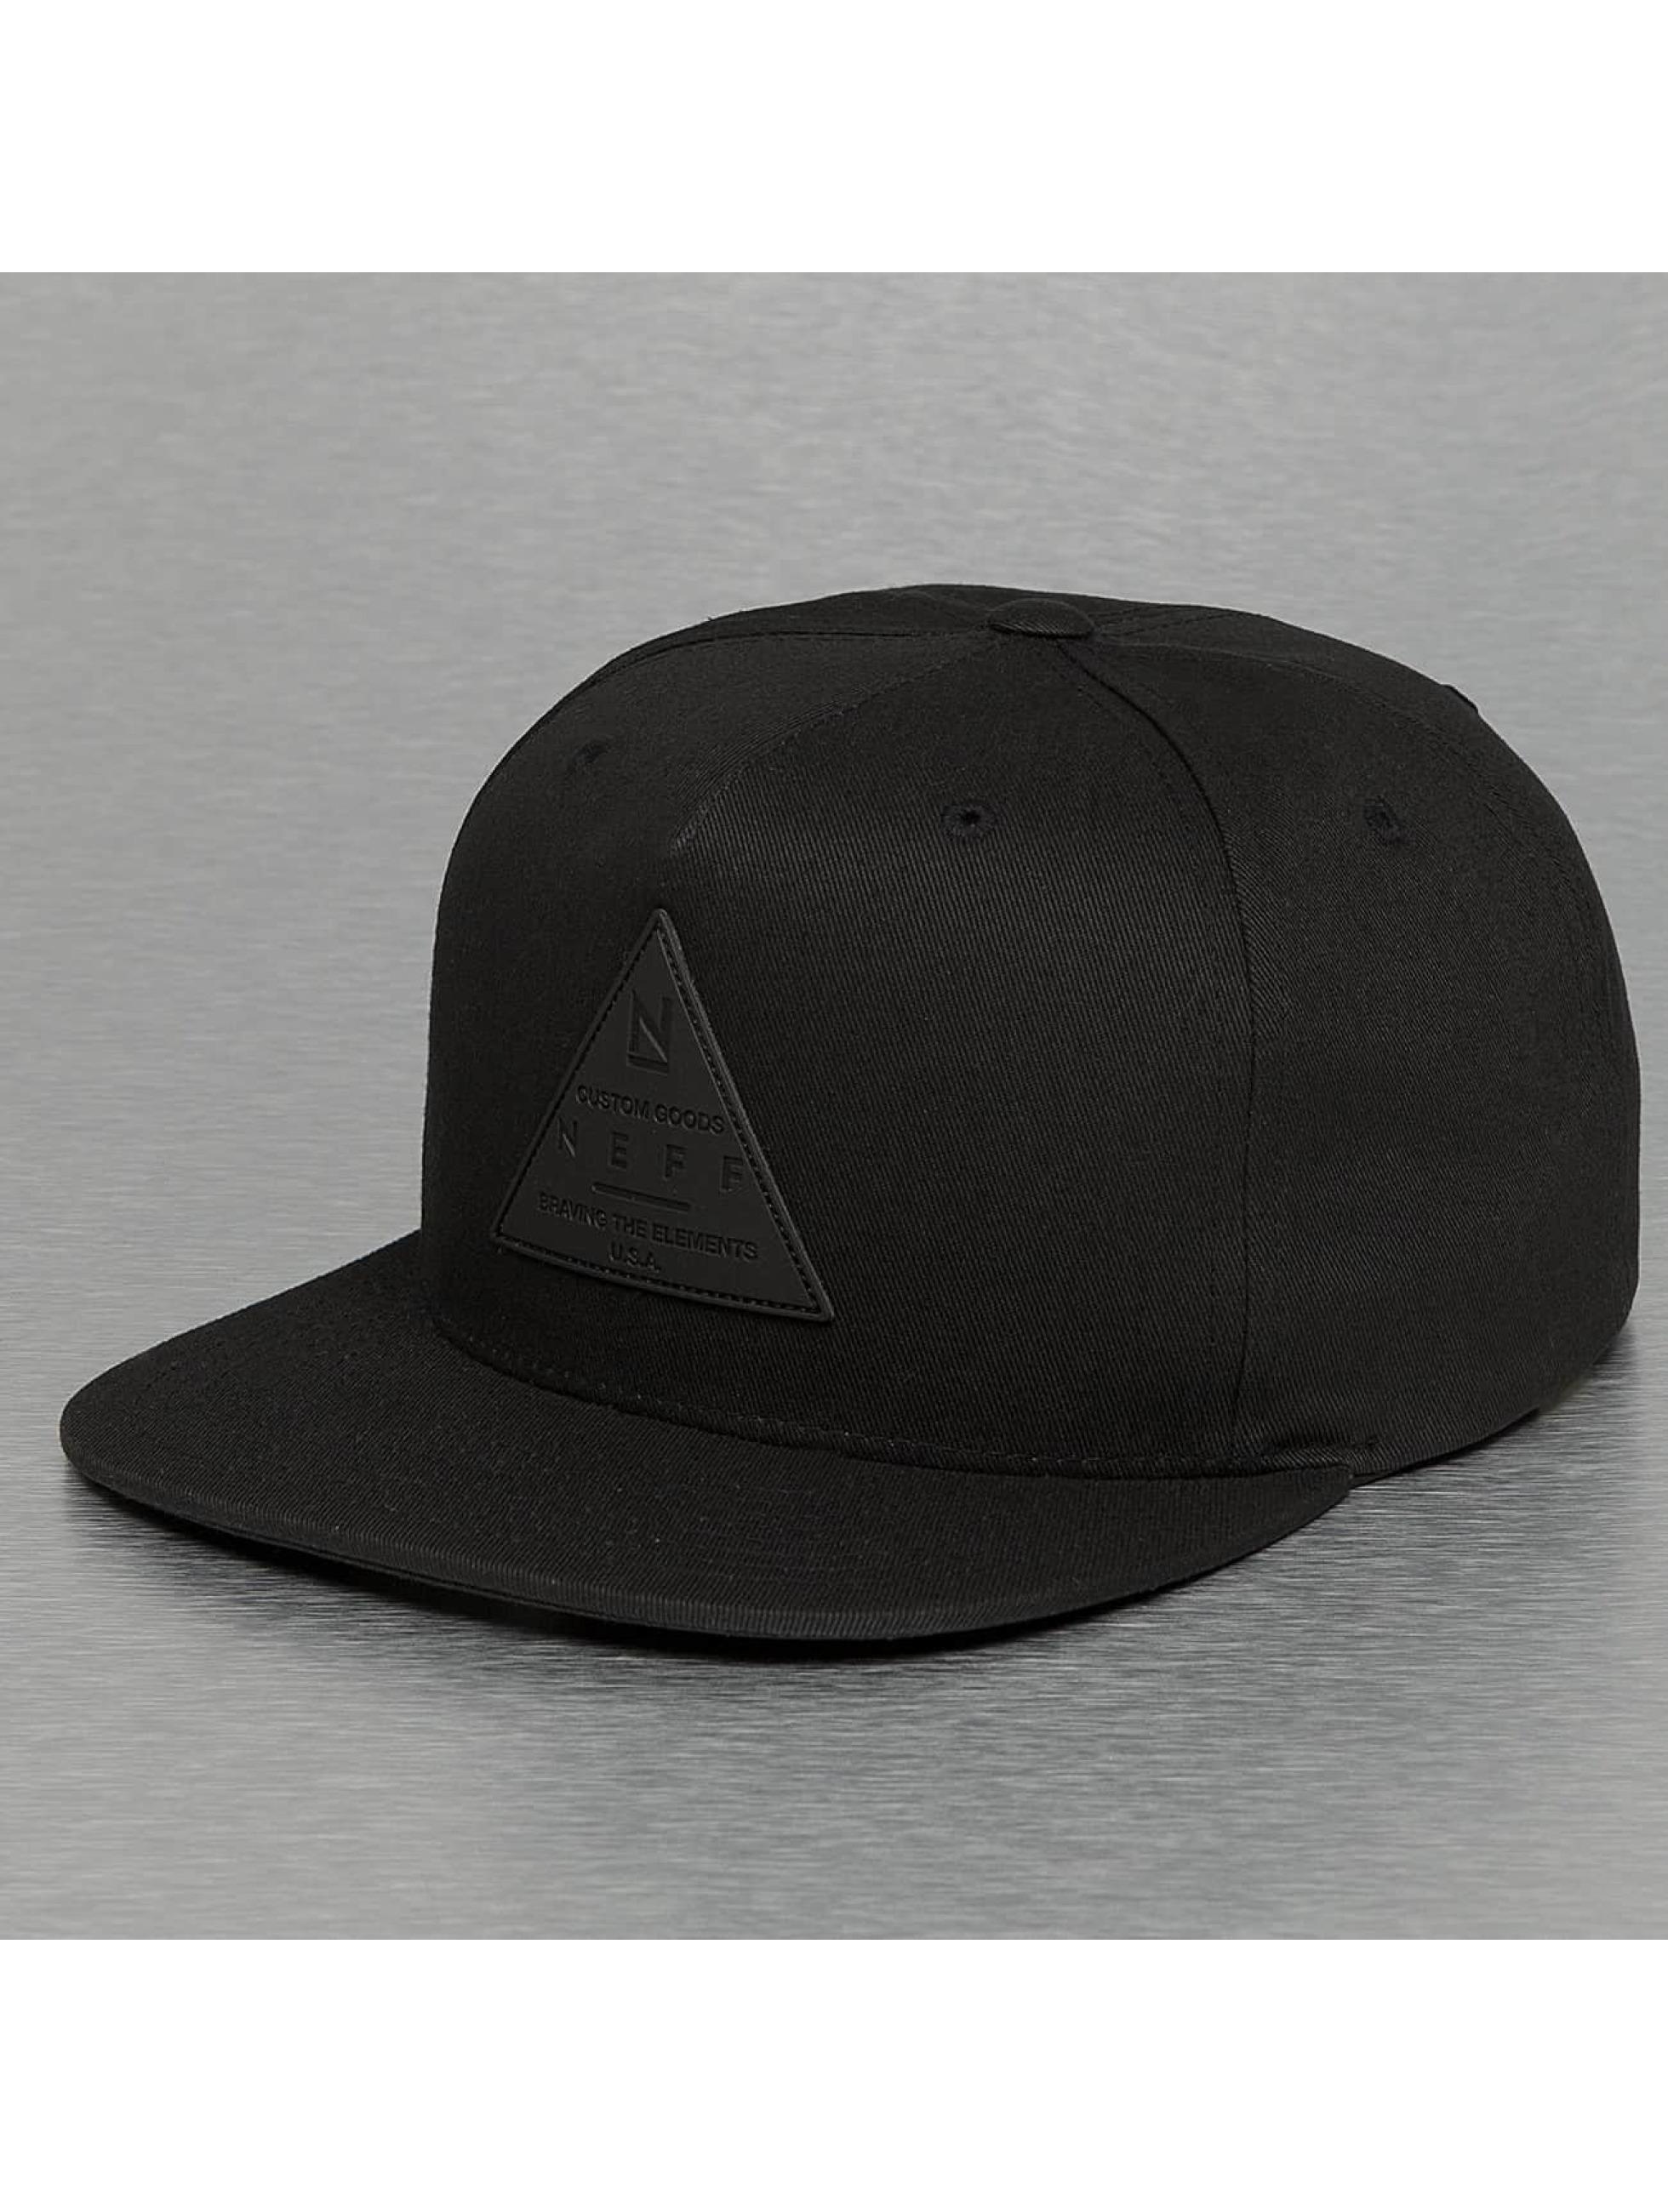 NEFF Männer,Frauen Snapback Cap X2 in schwarz